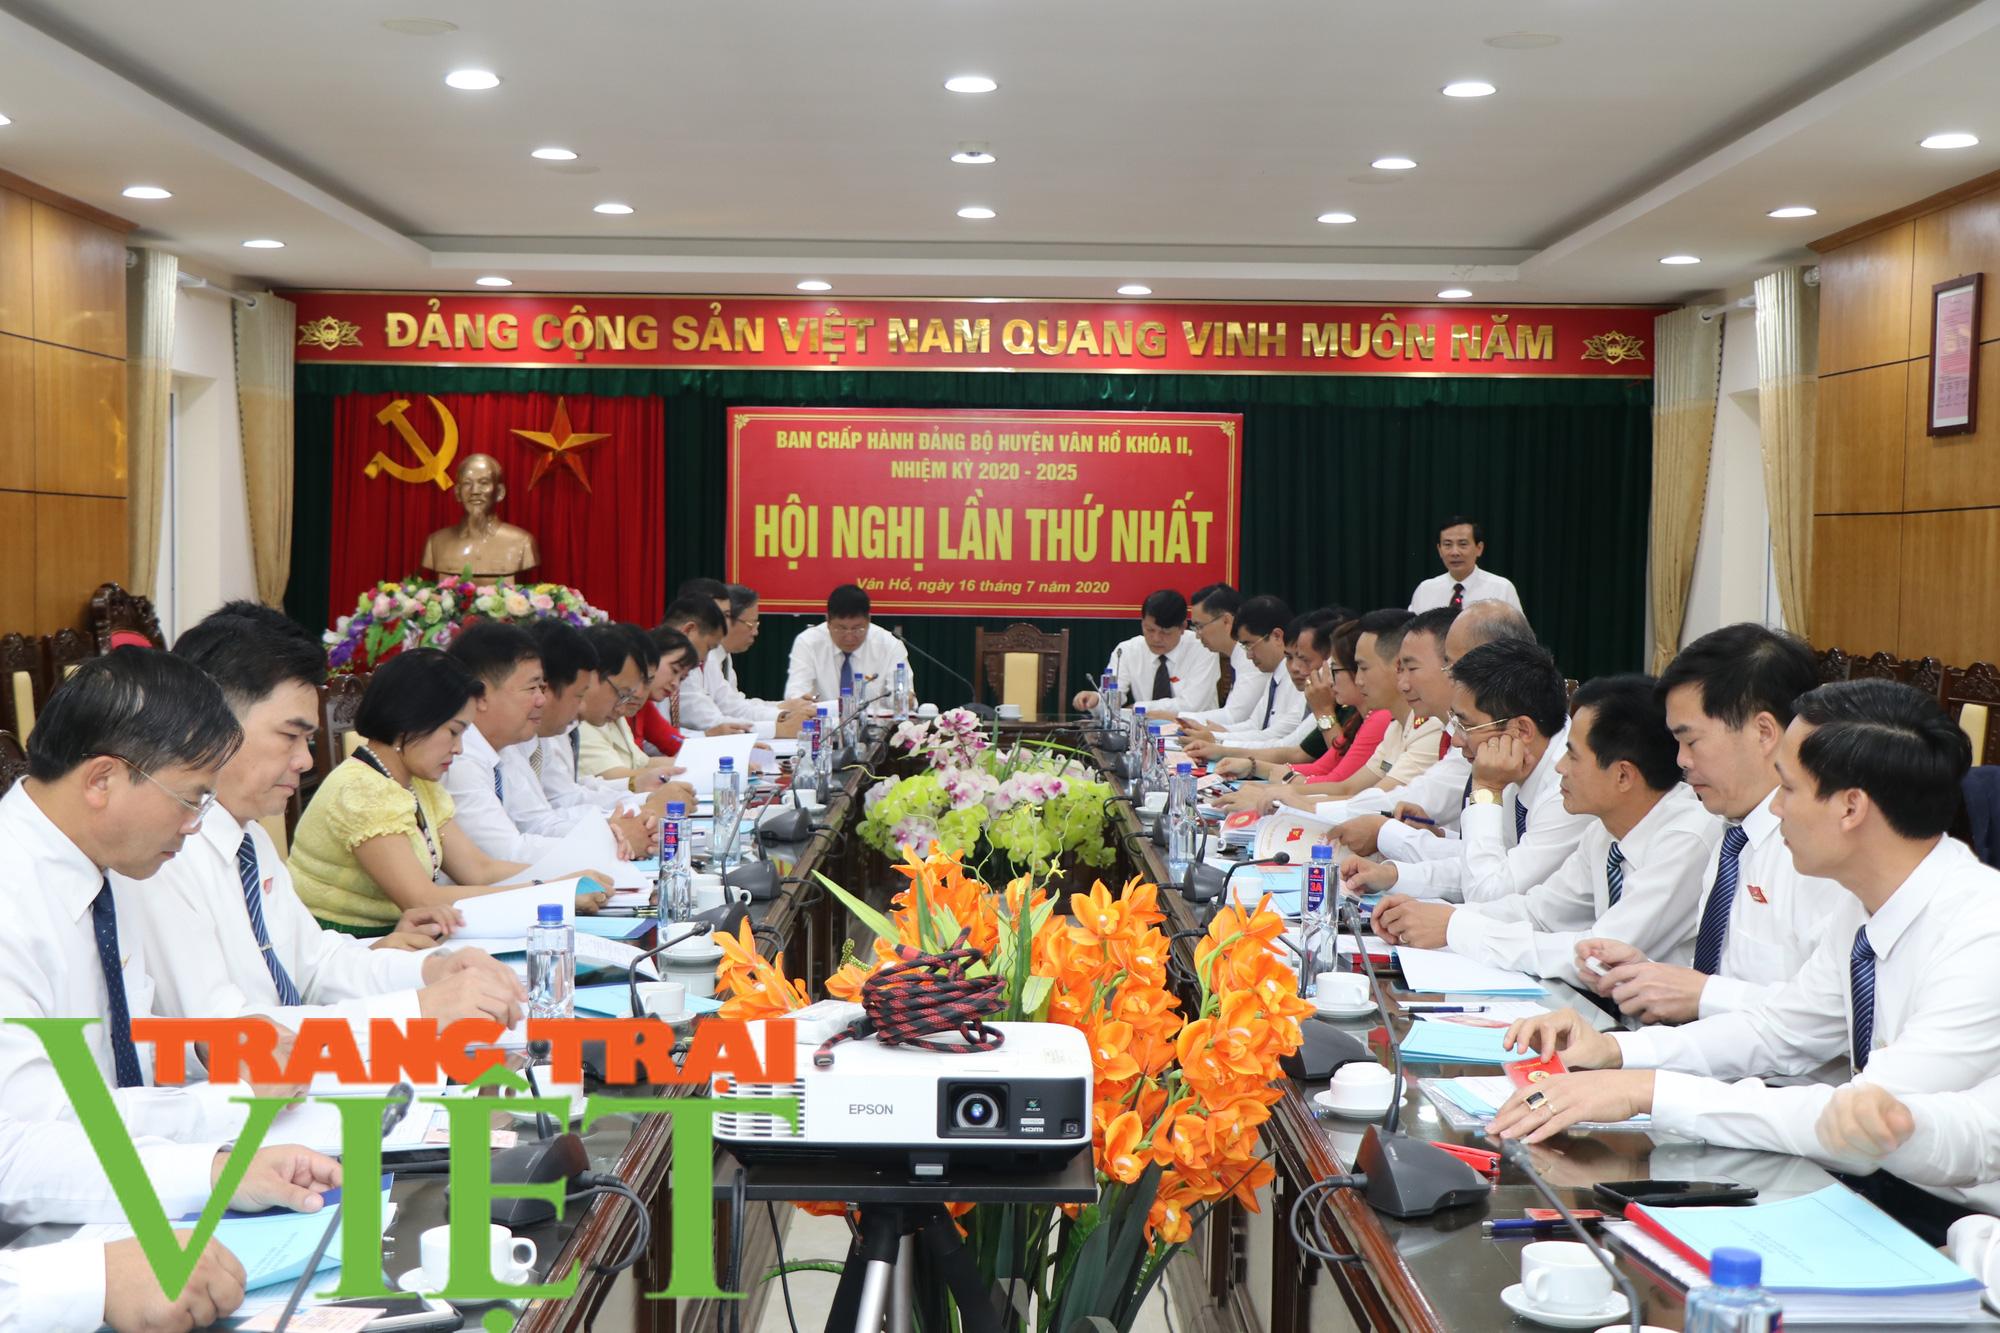 Đại hội đại biểu Đảng bộ huyện Vân Hồ phấn đấu đến 2025 đưa huyện thoát nghèo   - Ảnh 4.